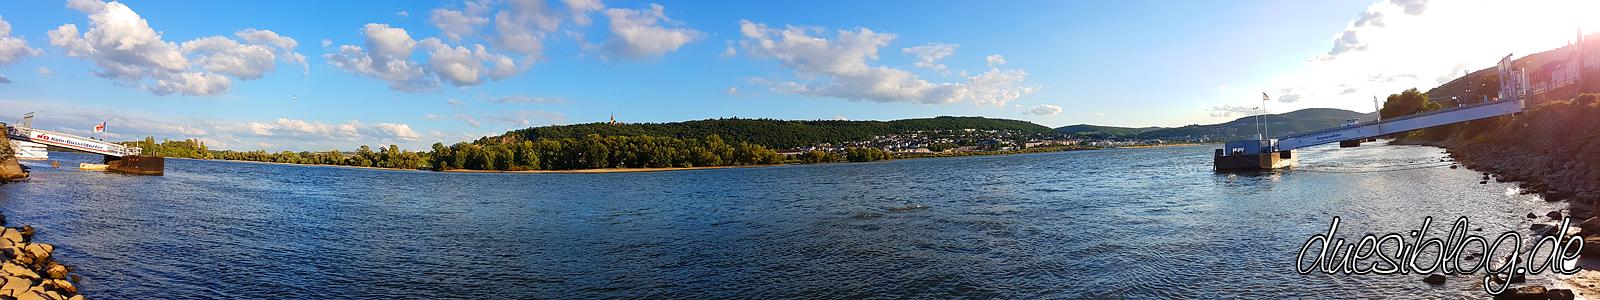 Ruedesheim Panorama Rheingau Travelblog duesiblog 002